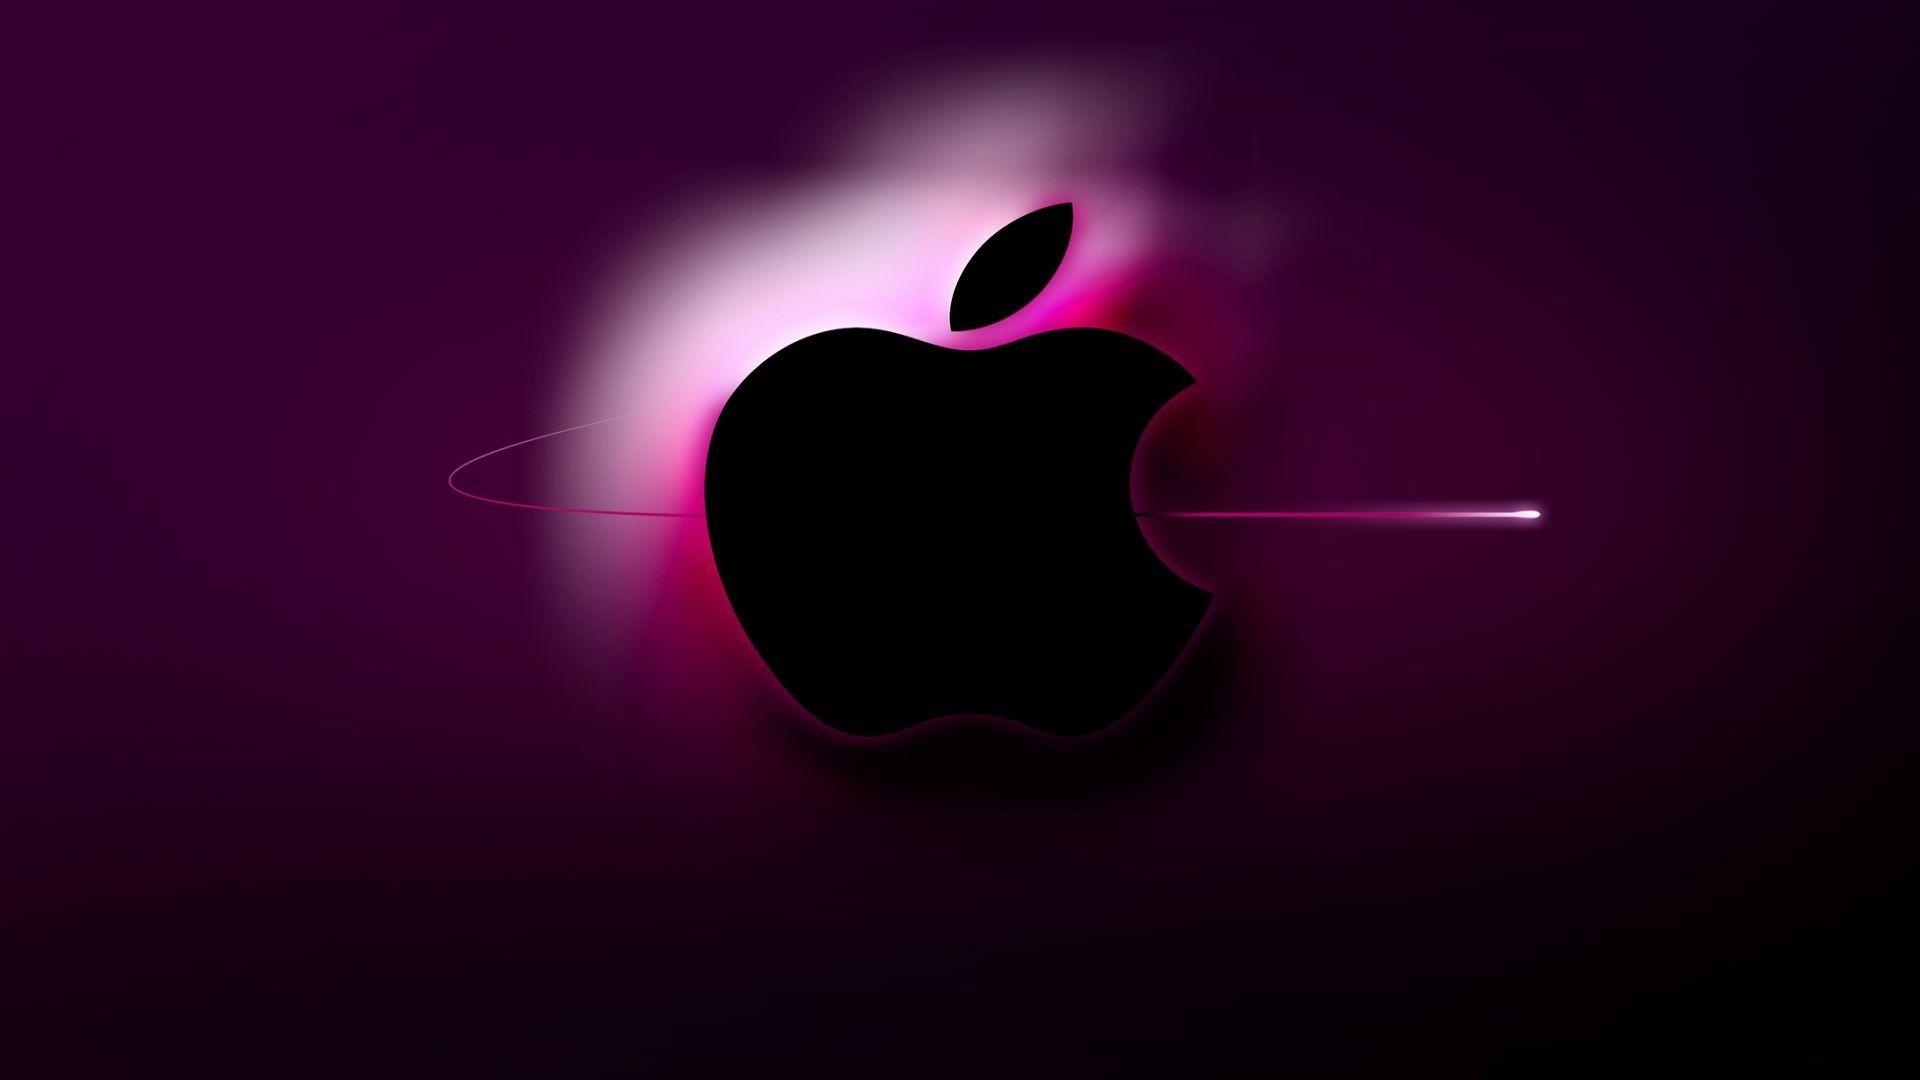 Apple Ipad desktop image